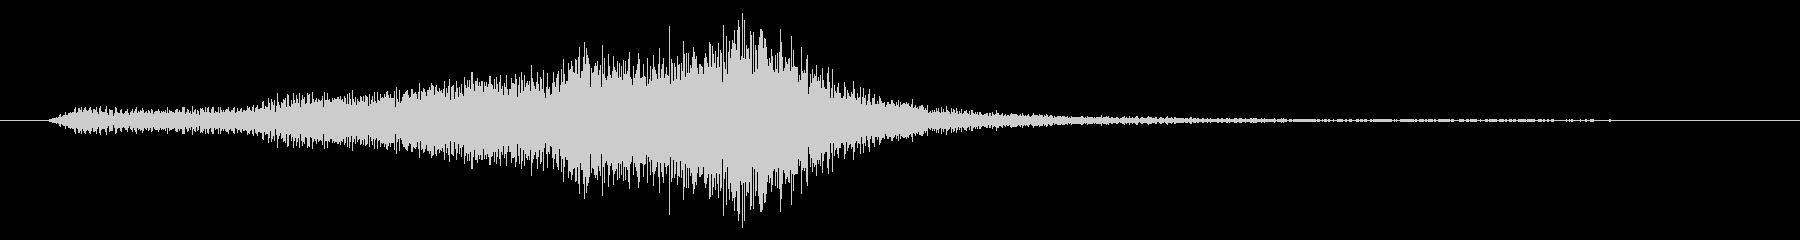 金管楽器と和太鼓のジングルの未再生の波形